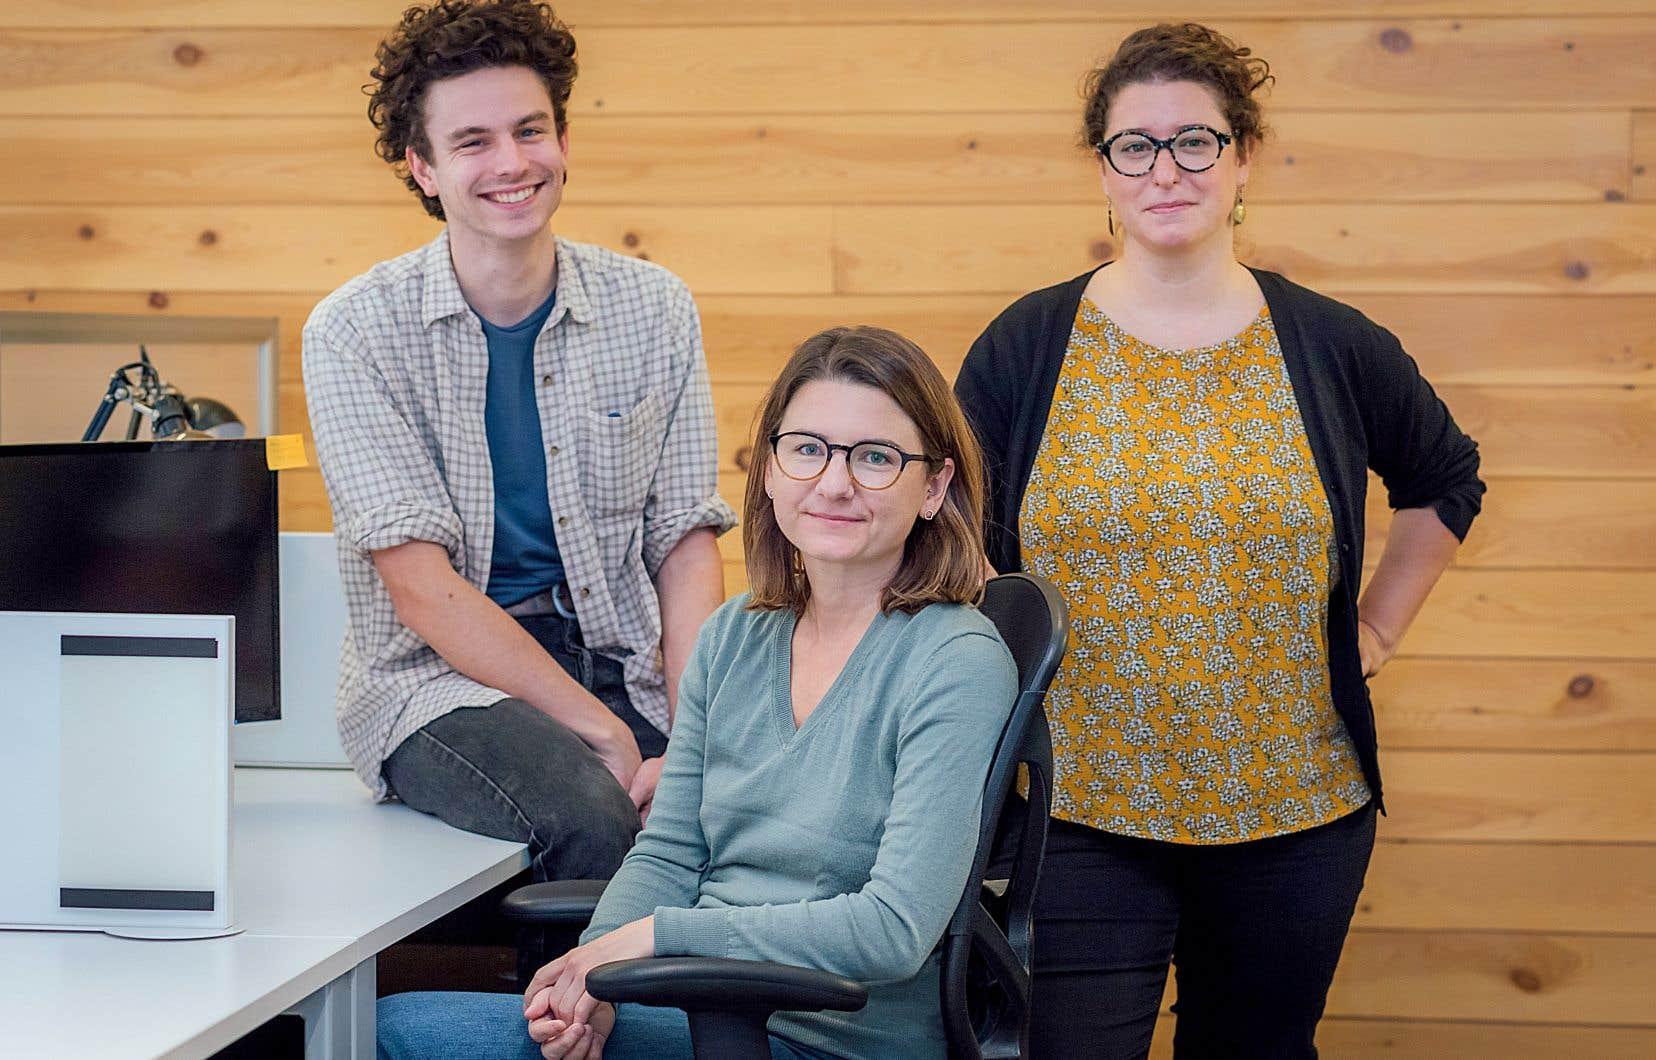 Les artisans du nouveau média Web Pivot dans leurs locaux à la halte 24-7: Marie Sébire, rédactrice en chef (assise), Gabrielle Brassard-Lecours, cofondatrice, et Alexis Ross, journaliste aux actualités.